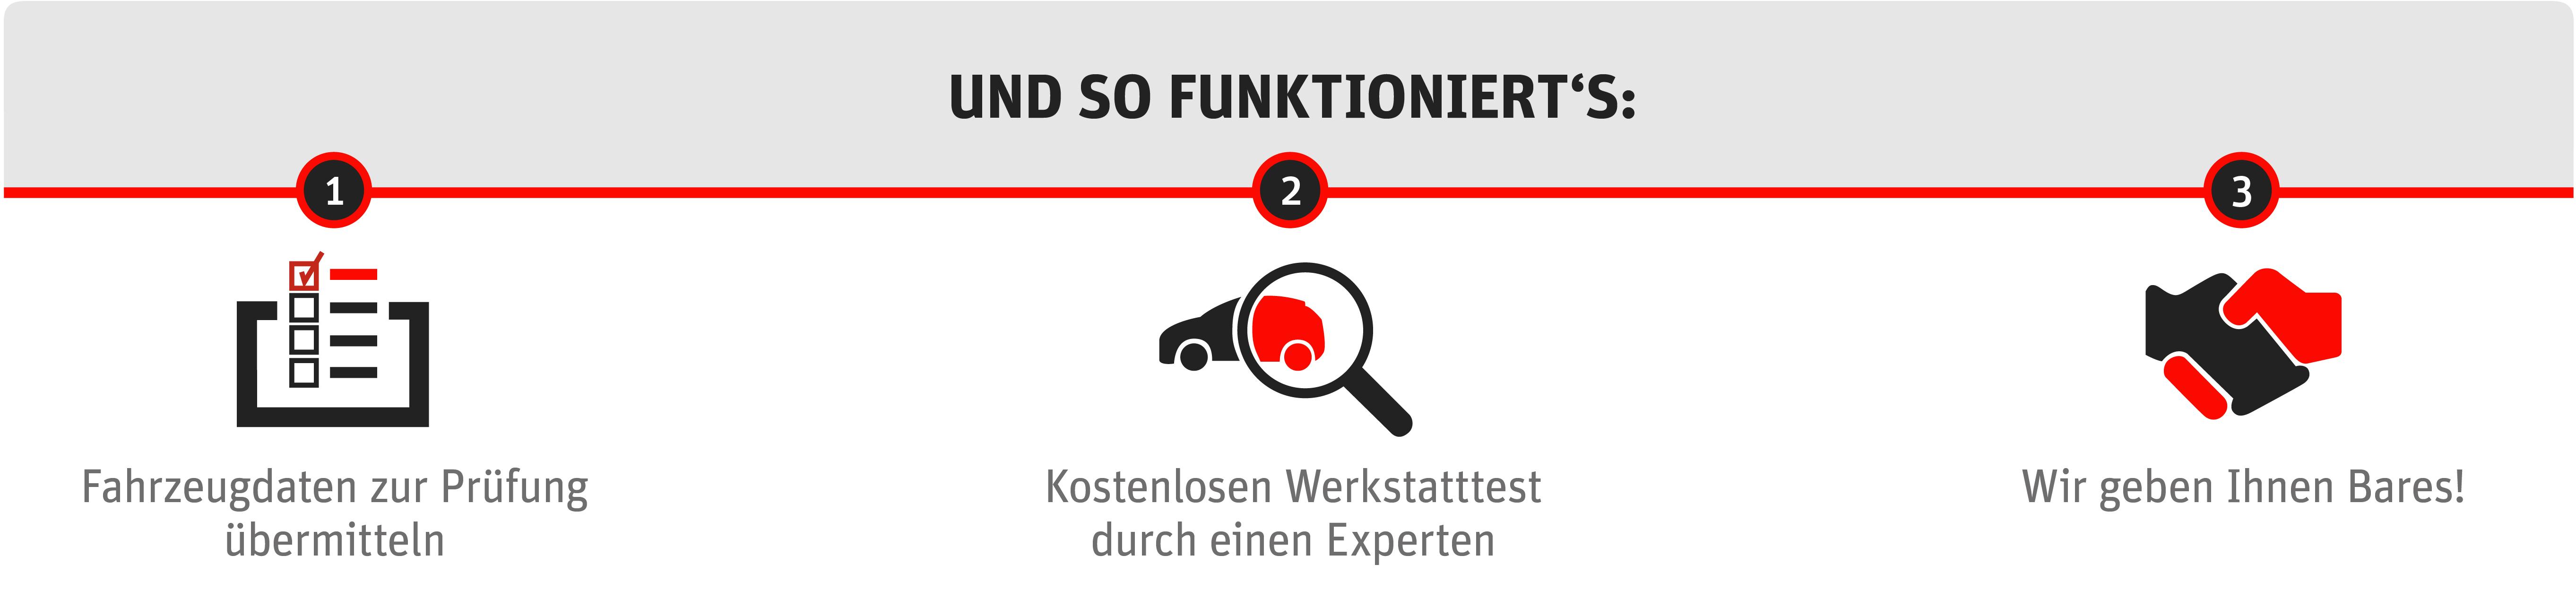 Fahrzeugbewertung, Auto-Ankauf, Werkstatttest